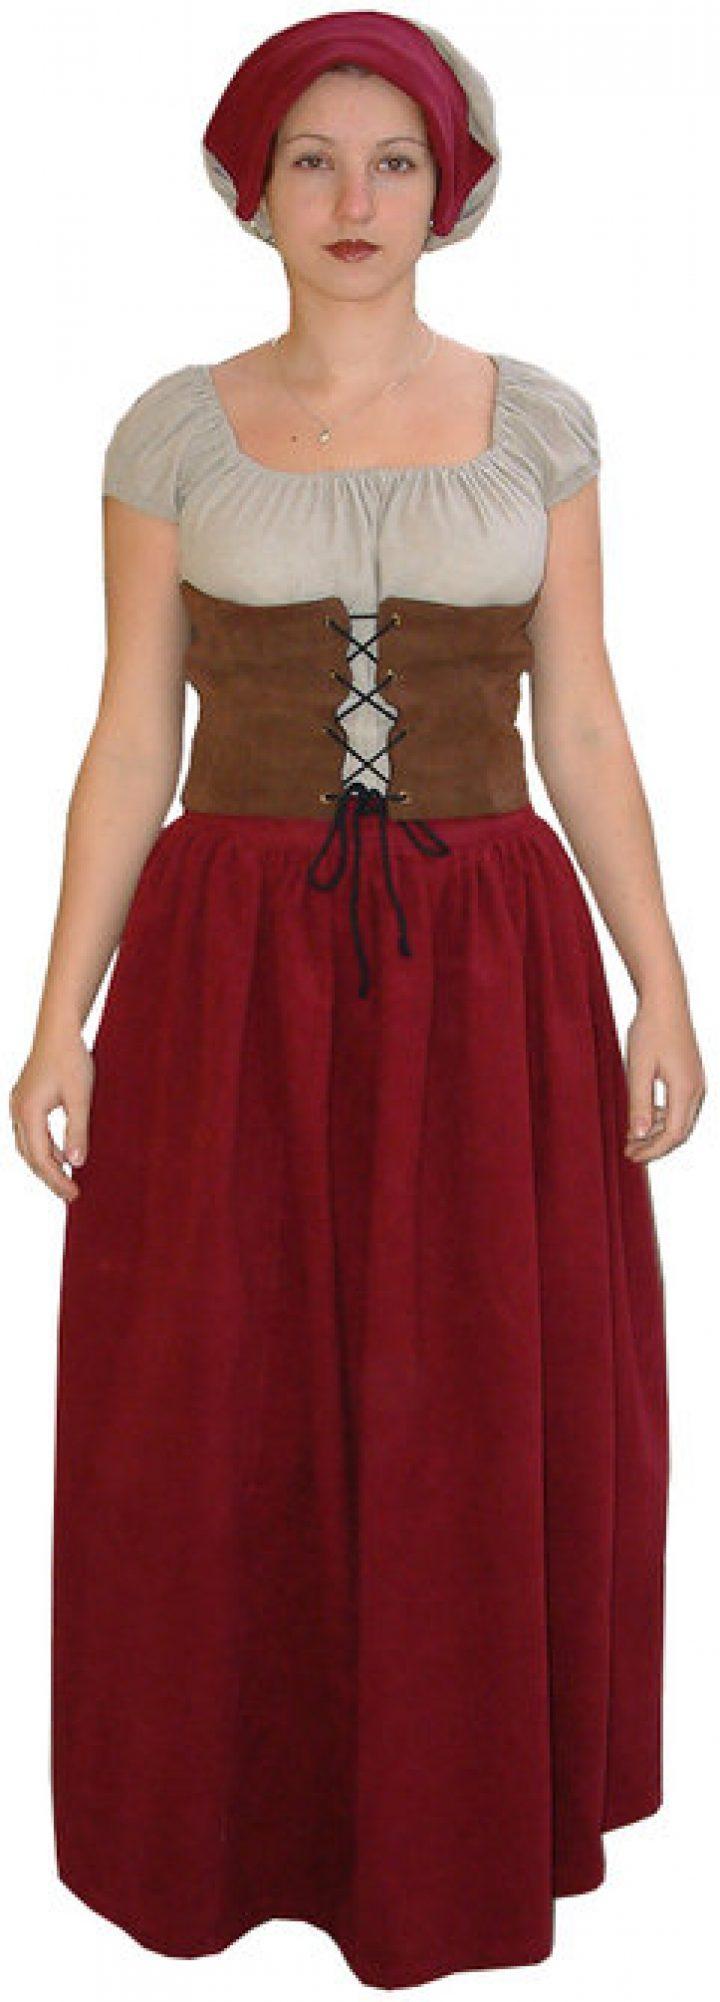 Middeleeuwse Waardin - Gastvrouw Kostuum